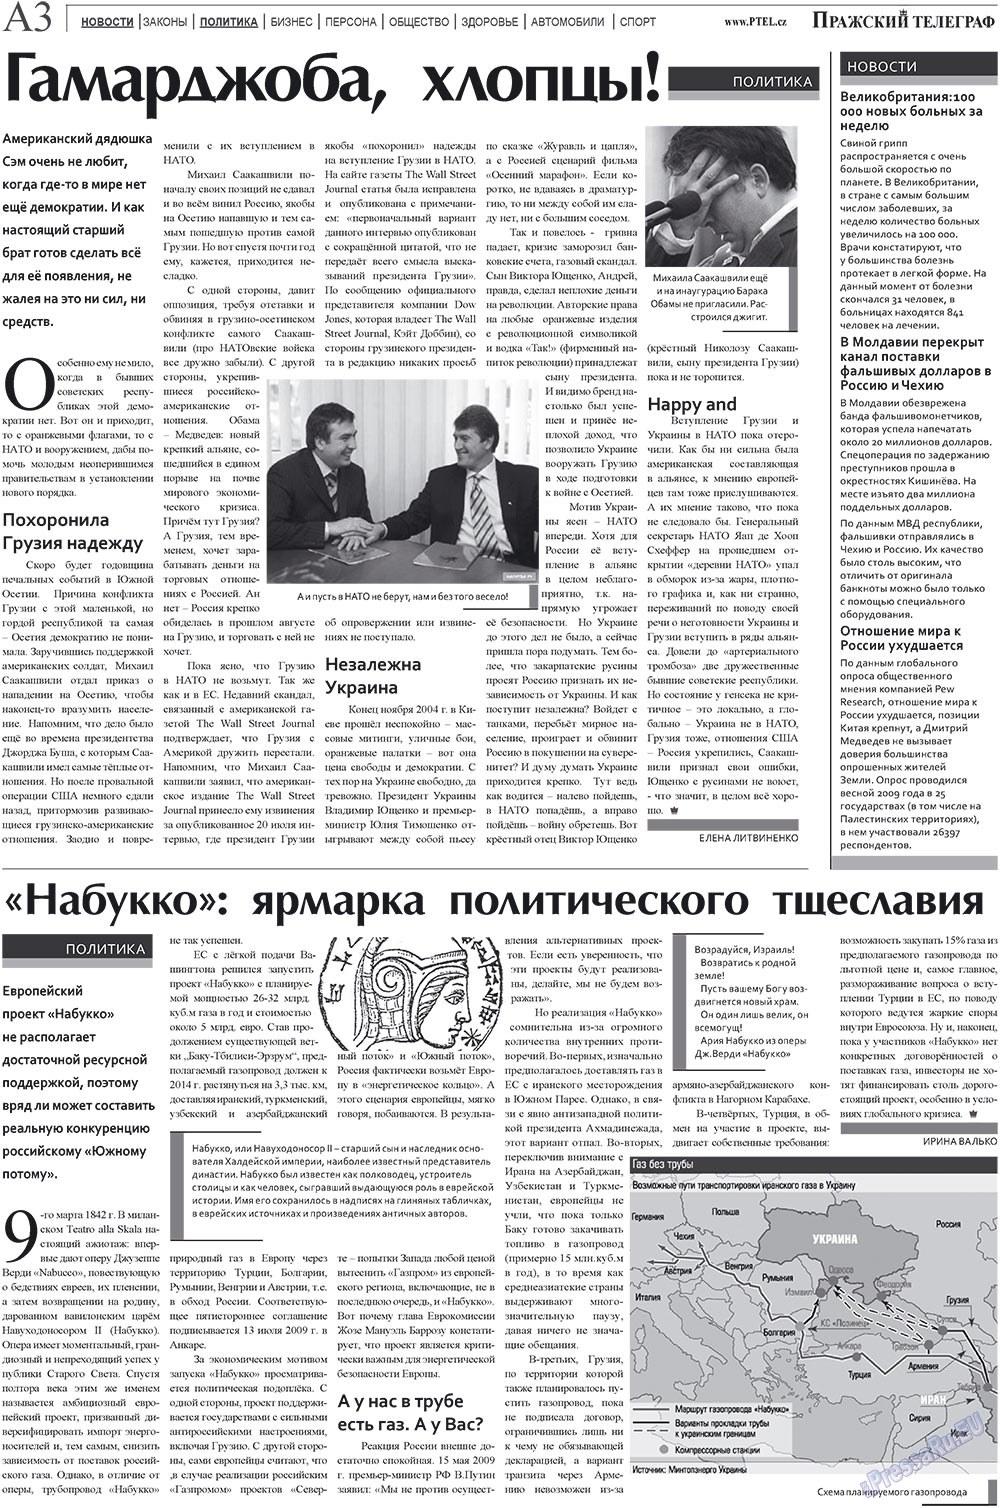 Пражский телеграф (газета). 2009 год, номер 15, стр. 3